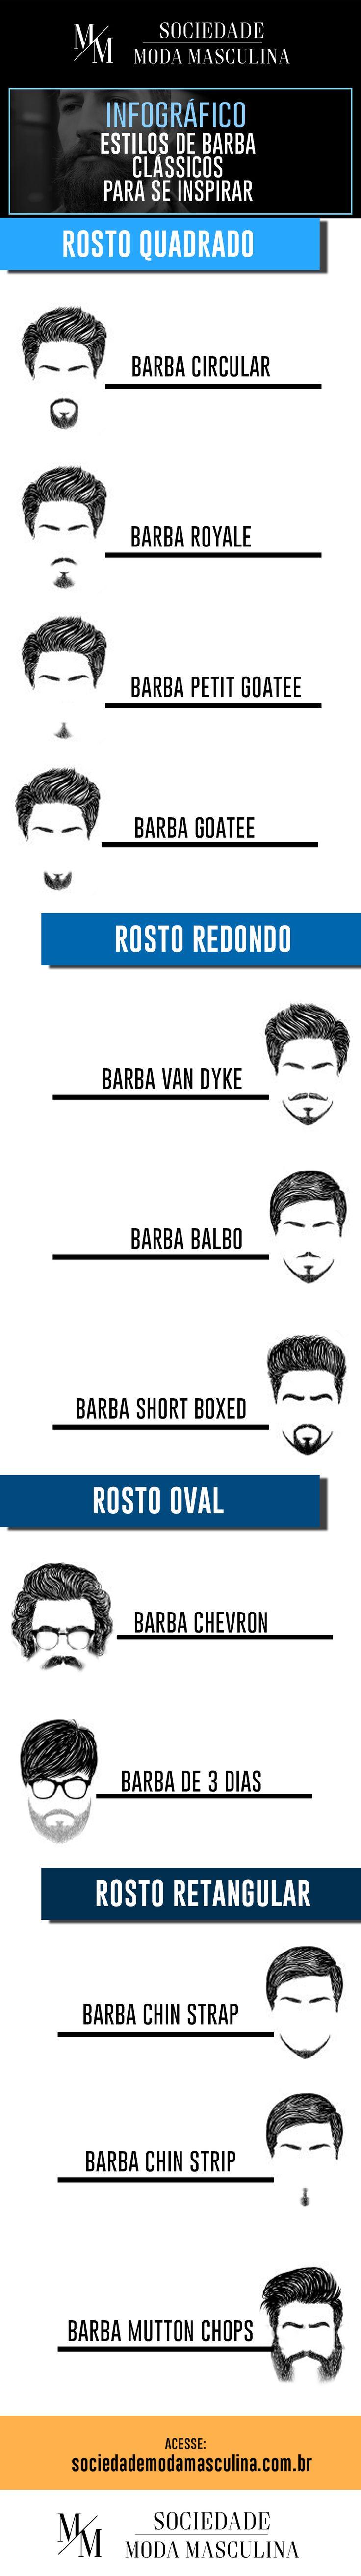 estilos de barba clássicos